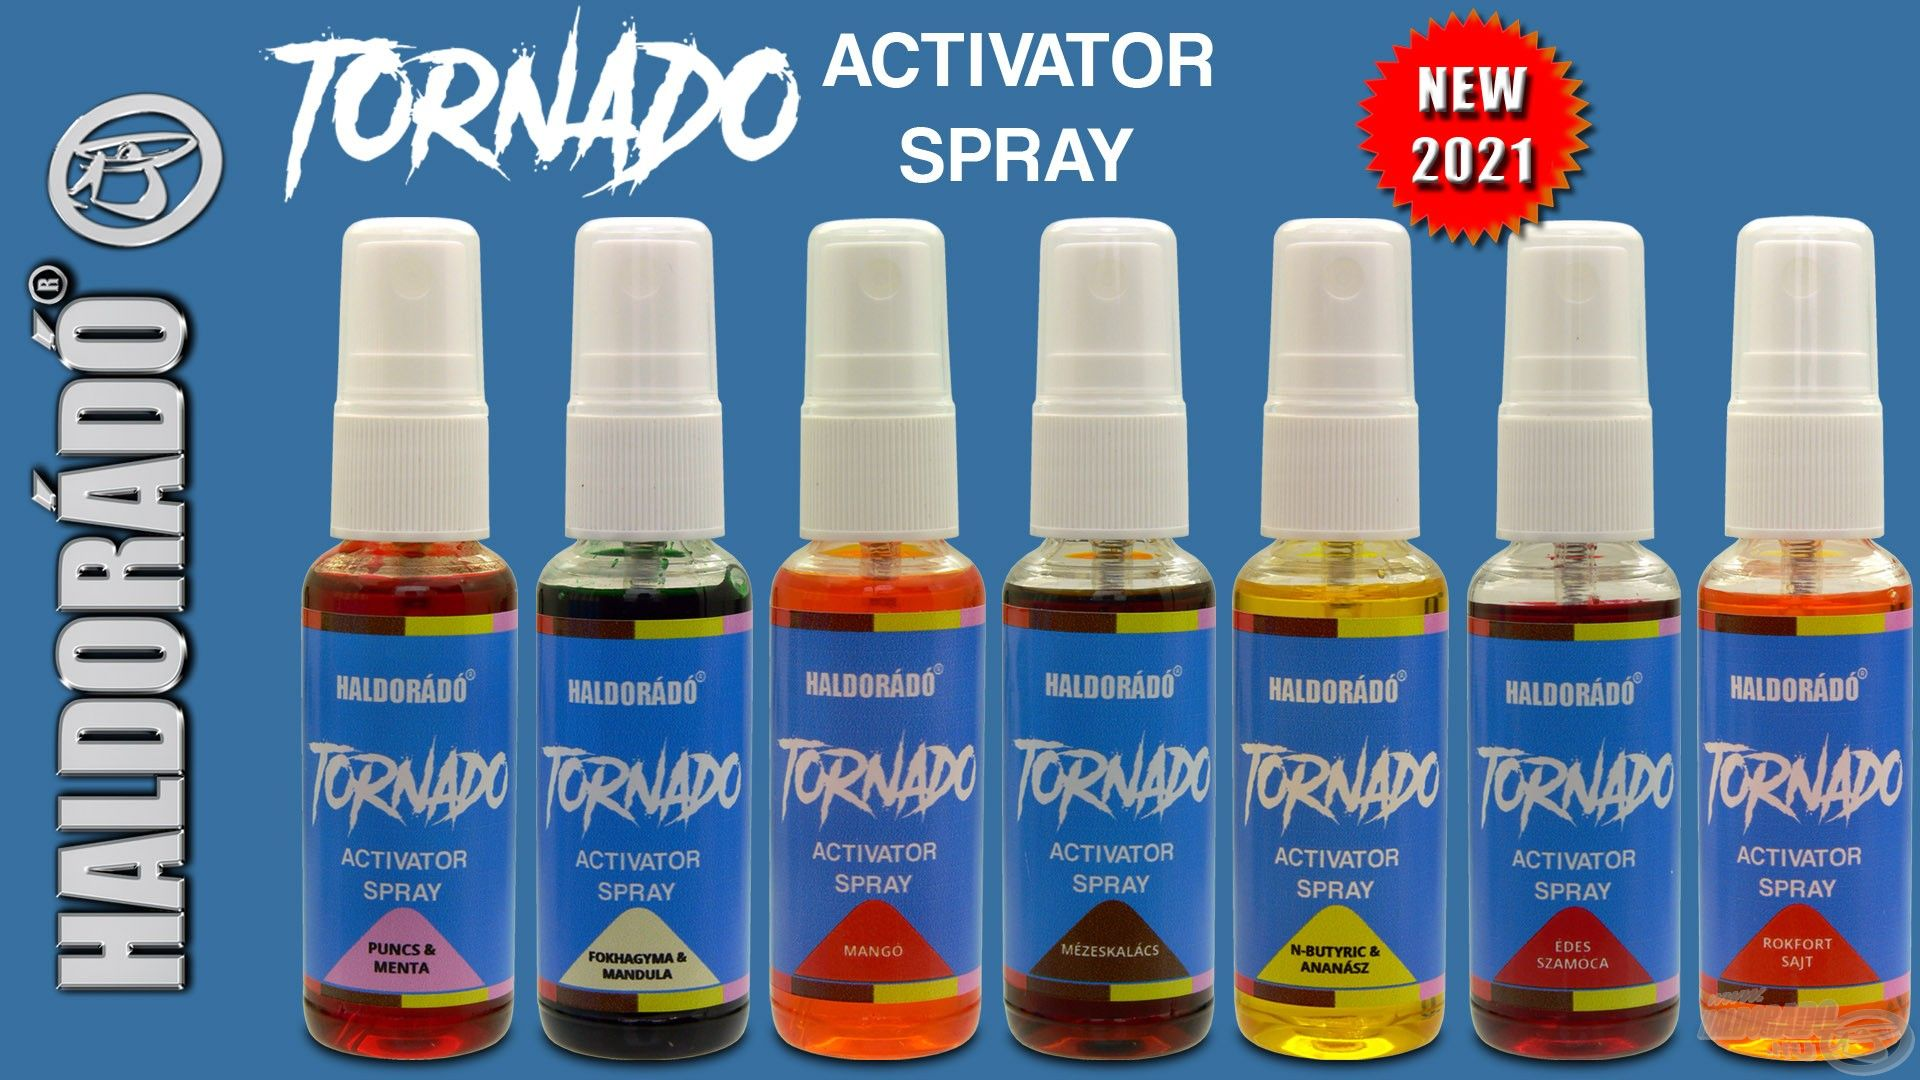 A Tornado csalikkal megegyező ízekben és színekben elérhető a Tornado Activator Spray, amellyel bármilyen csalit feltűnő és kívánatos falattá lehet varázsolni